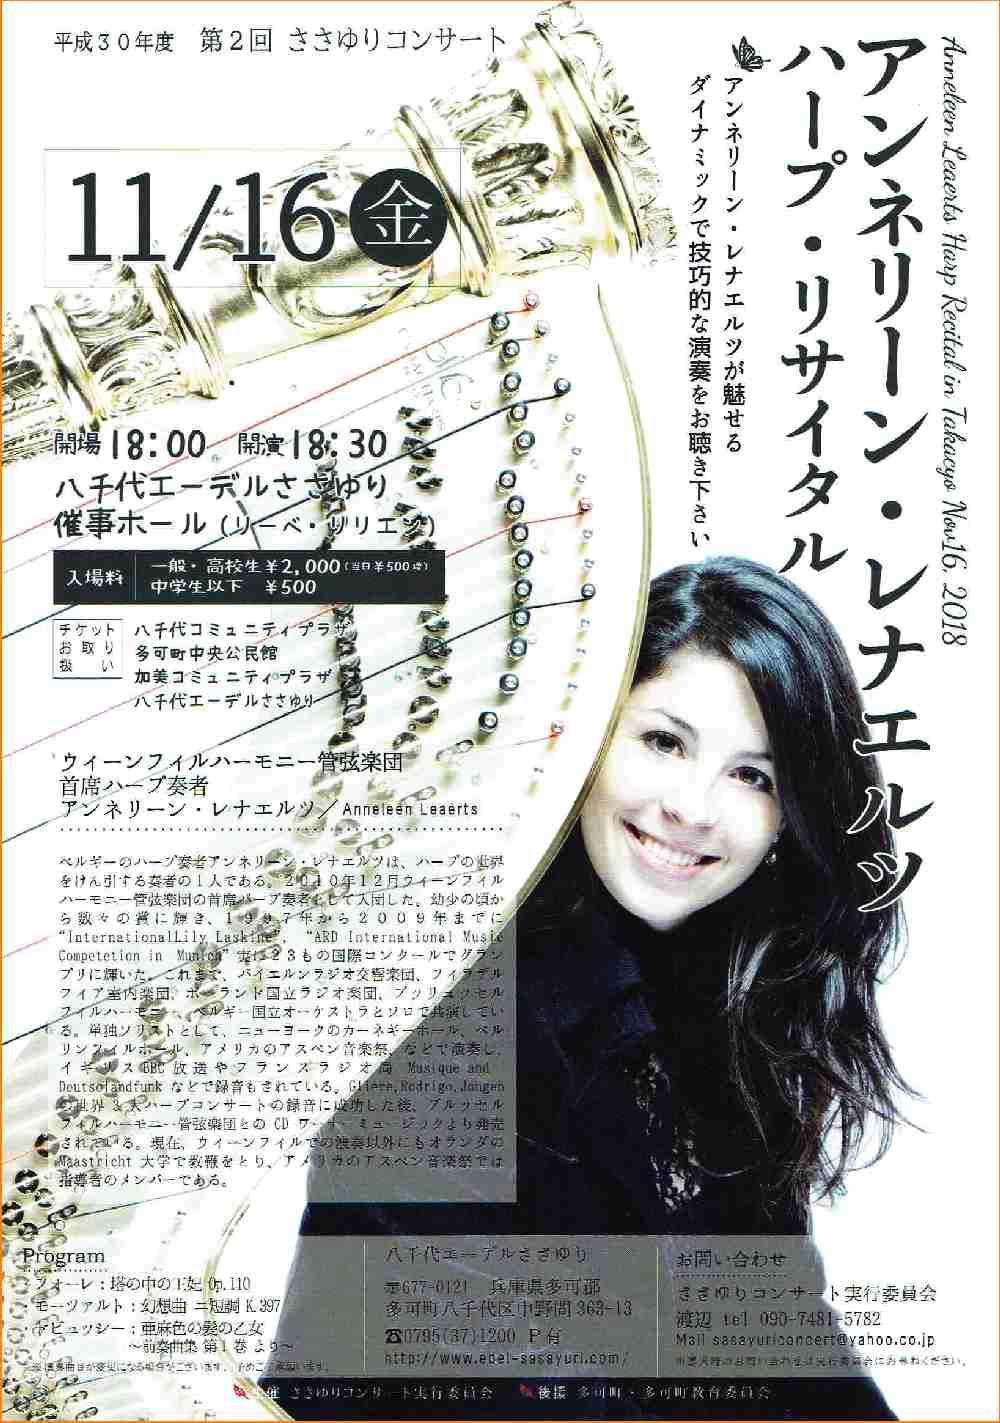 11/16 アンネリーン・レナエルツ ハープ・リサイタル:エーデルささゆり